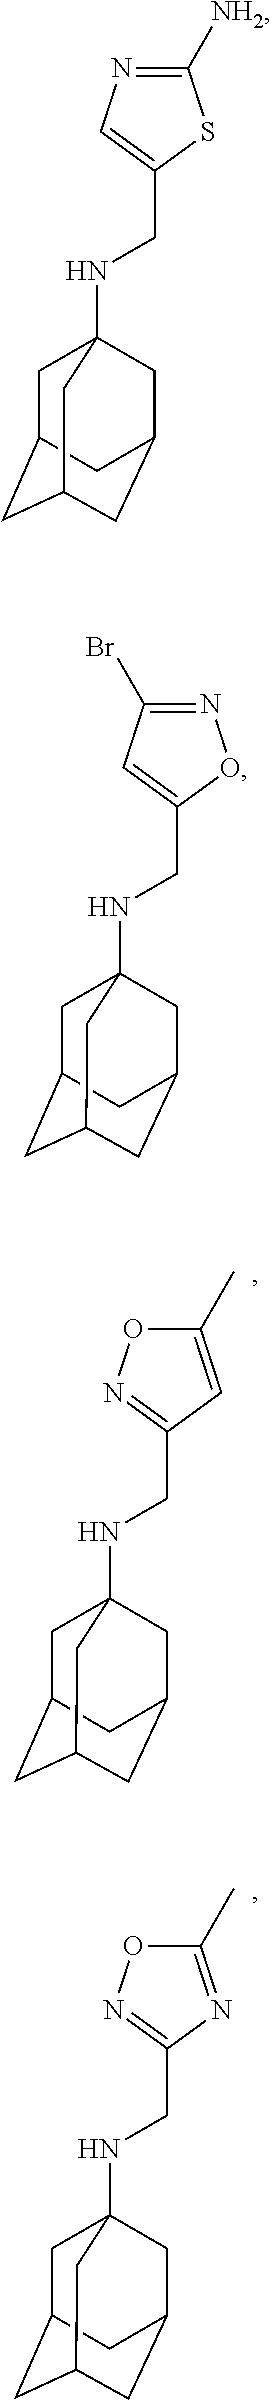 Figure US09884832-20180206-C00047